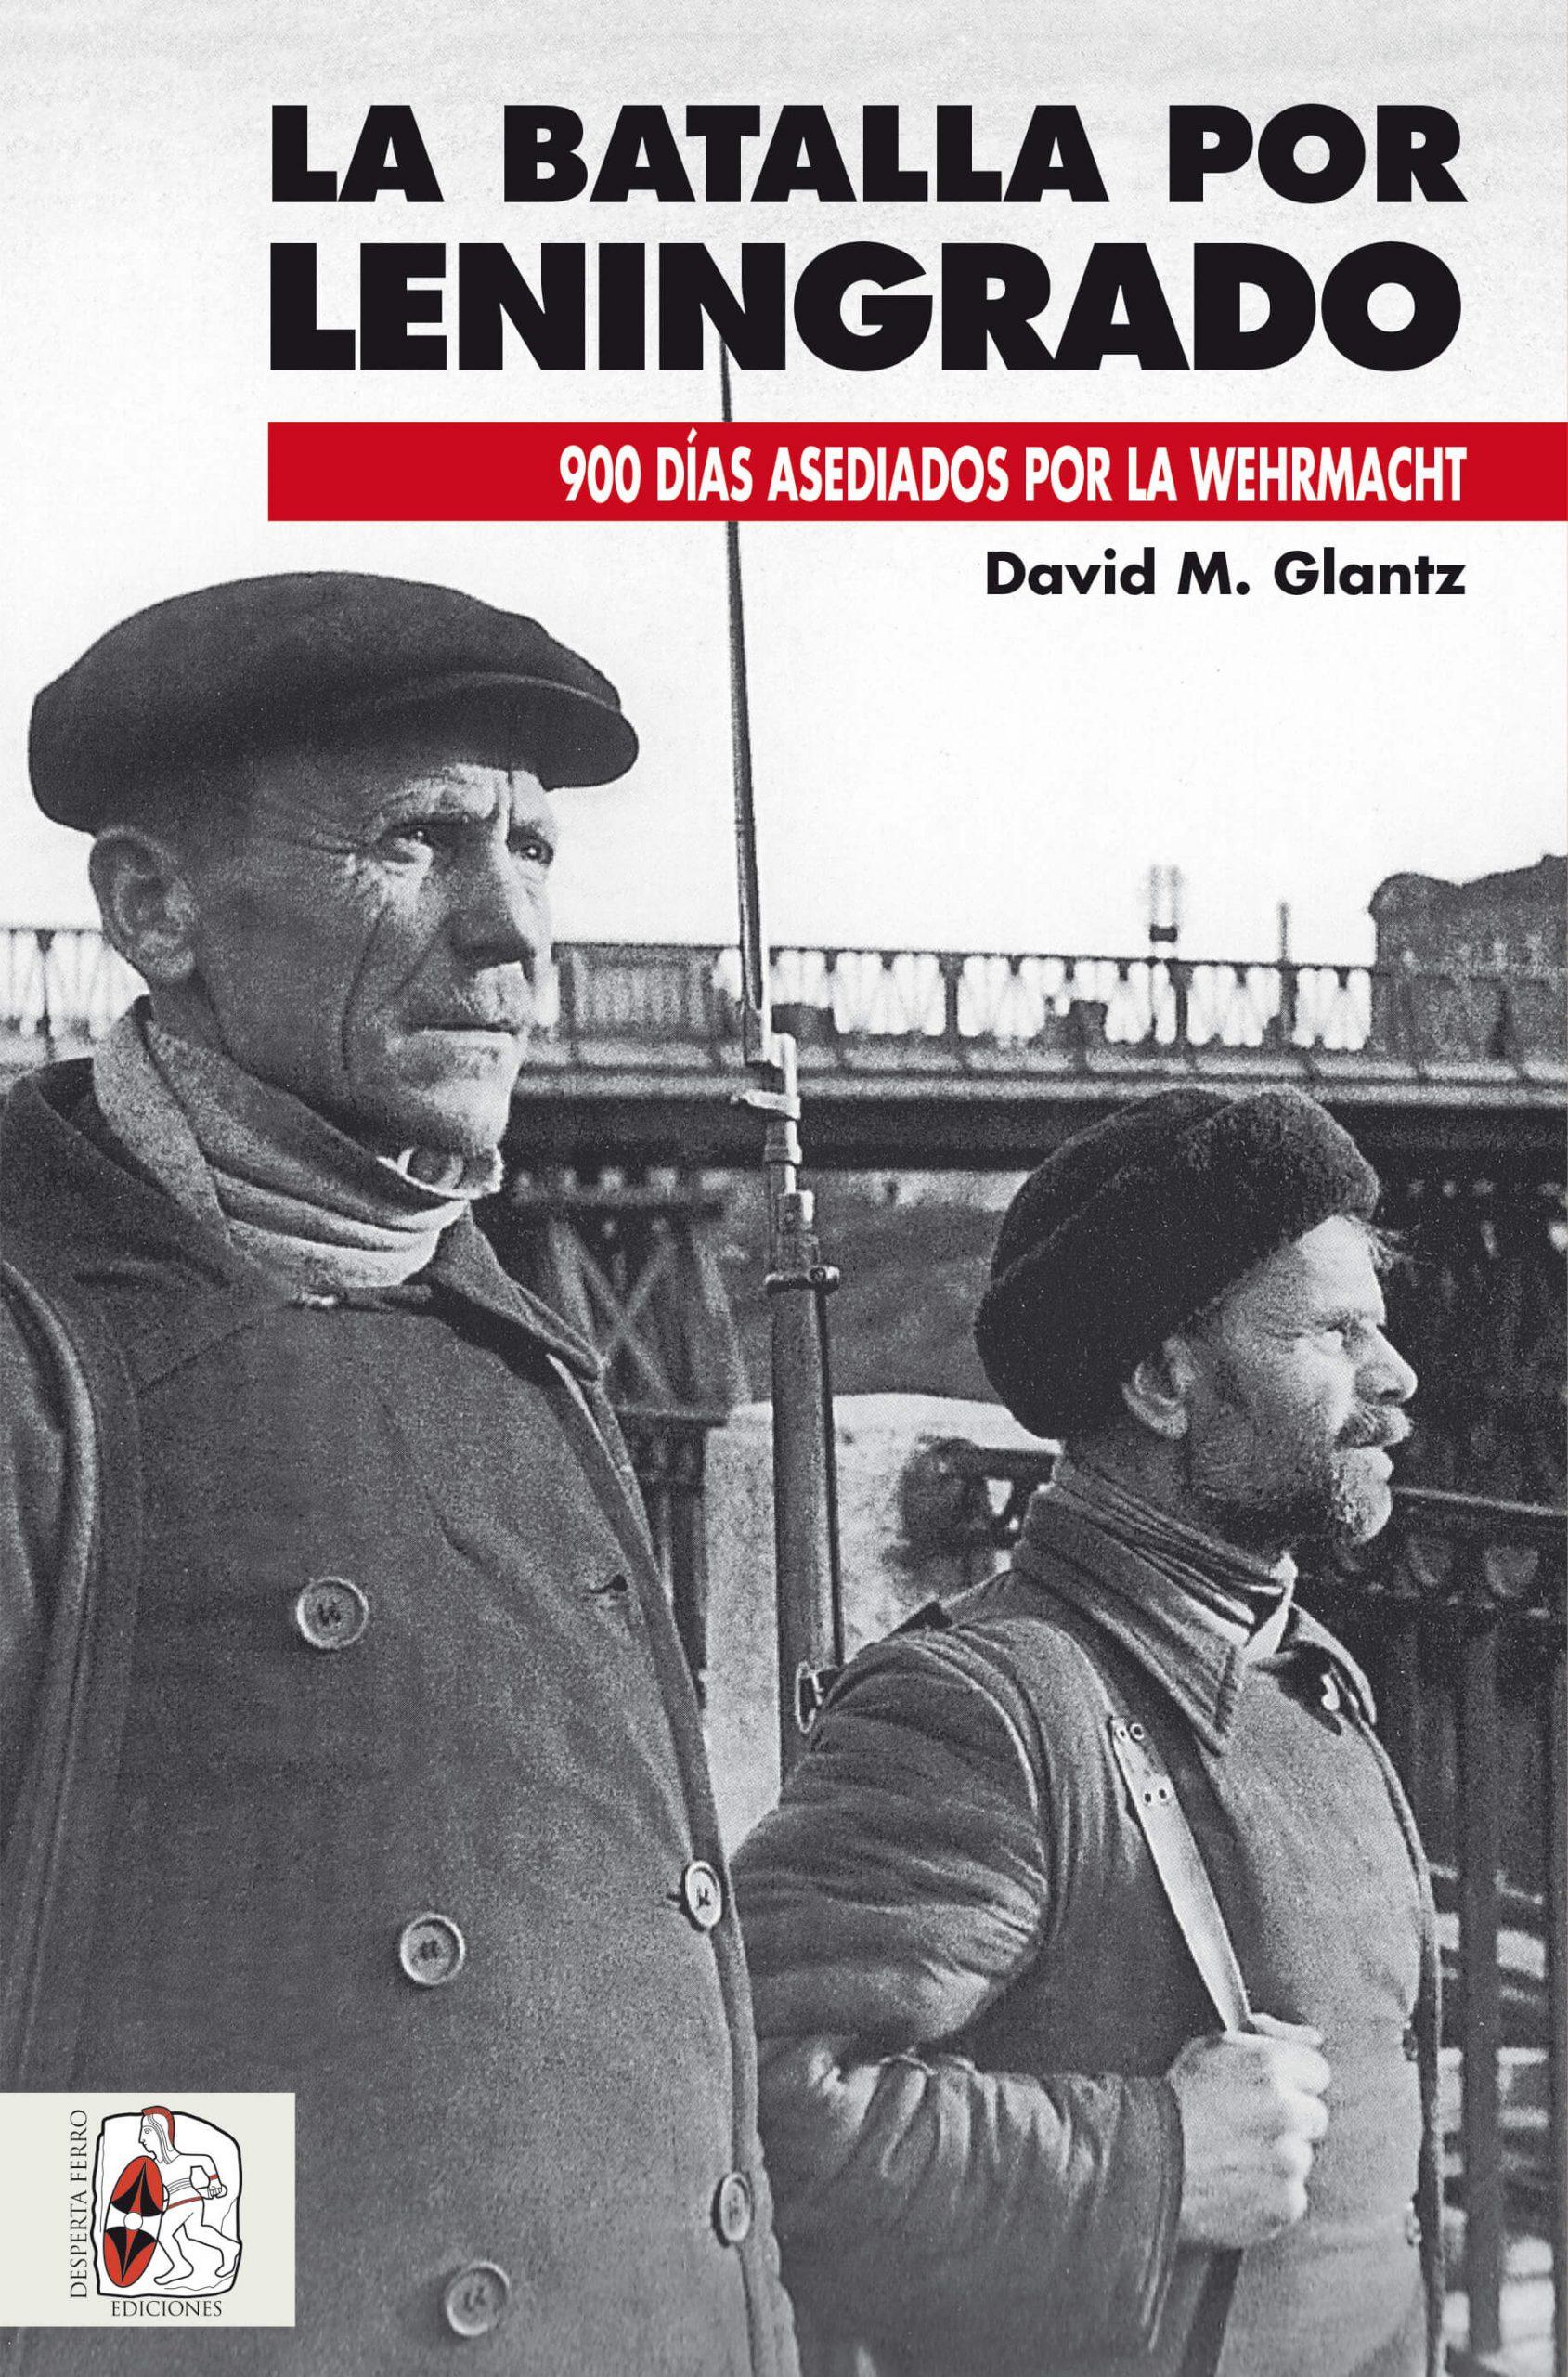 batalla por Leningrado David M. Glantz